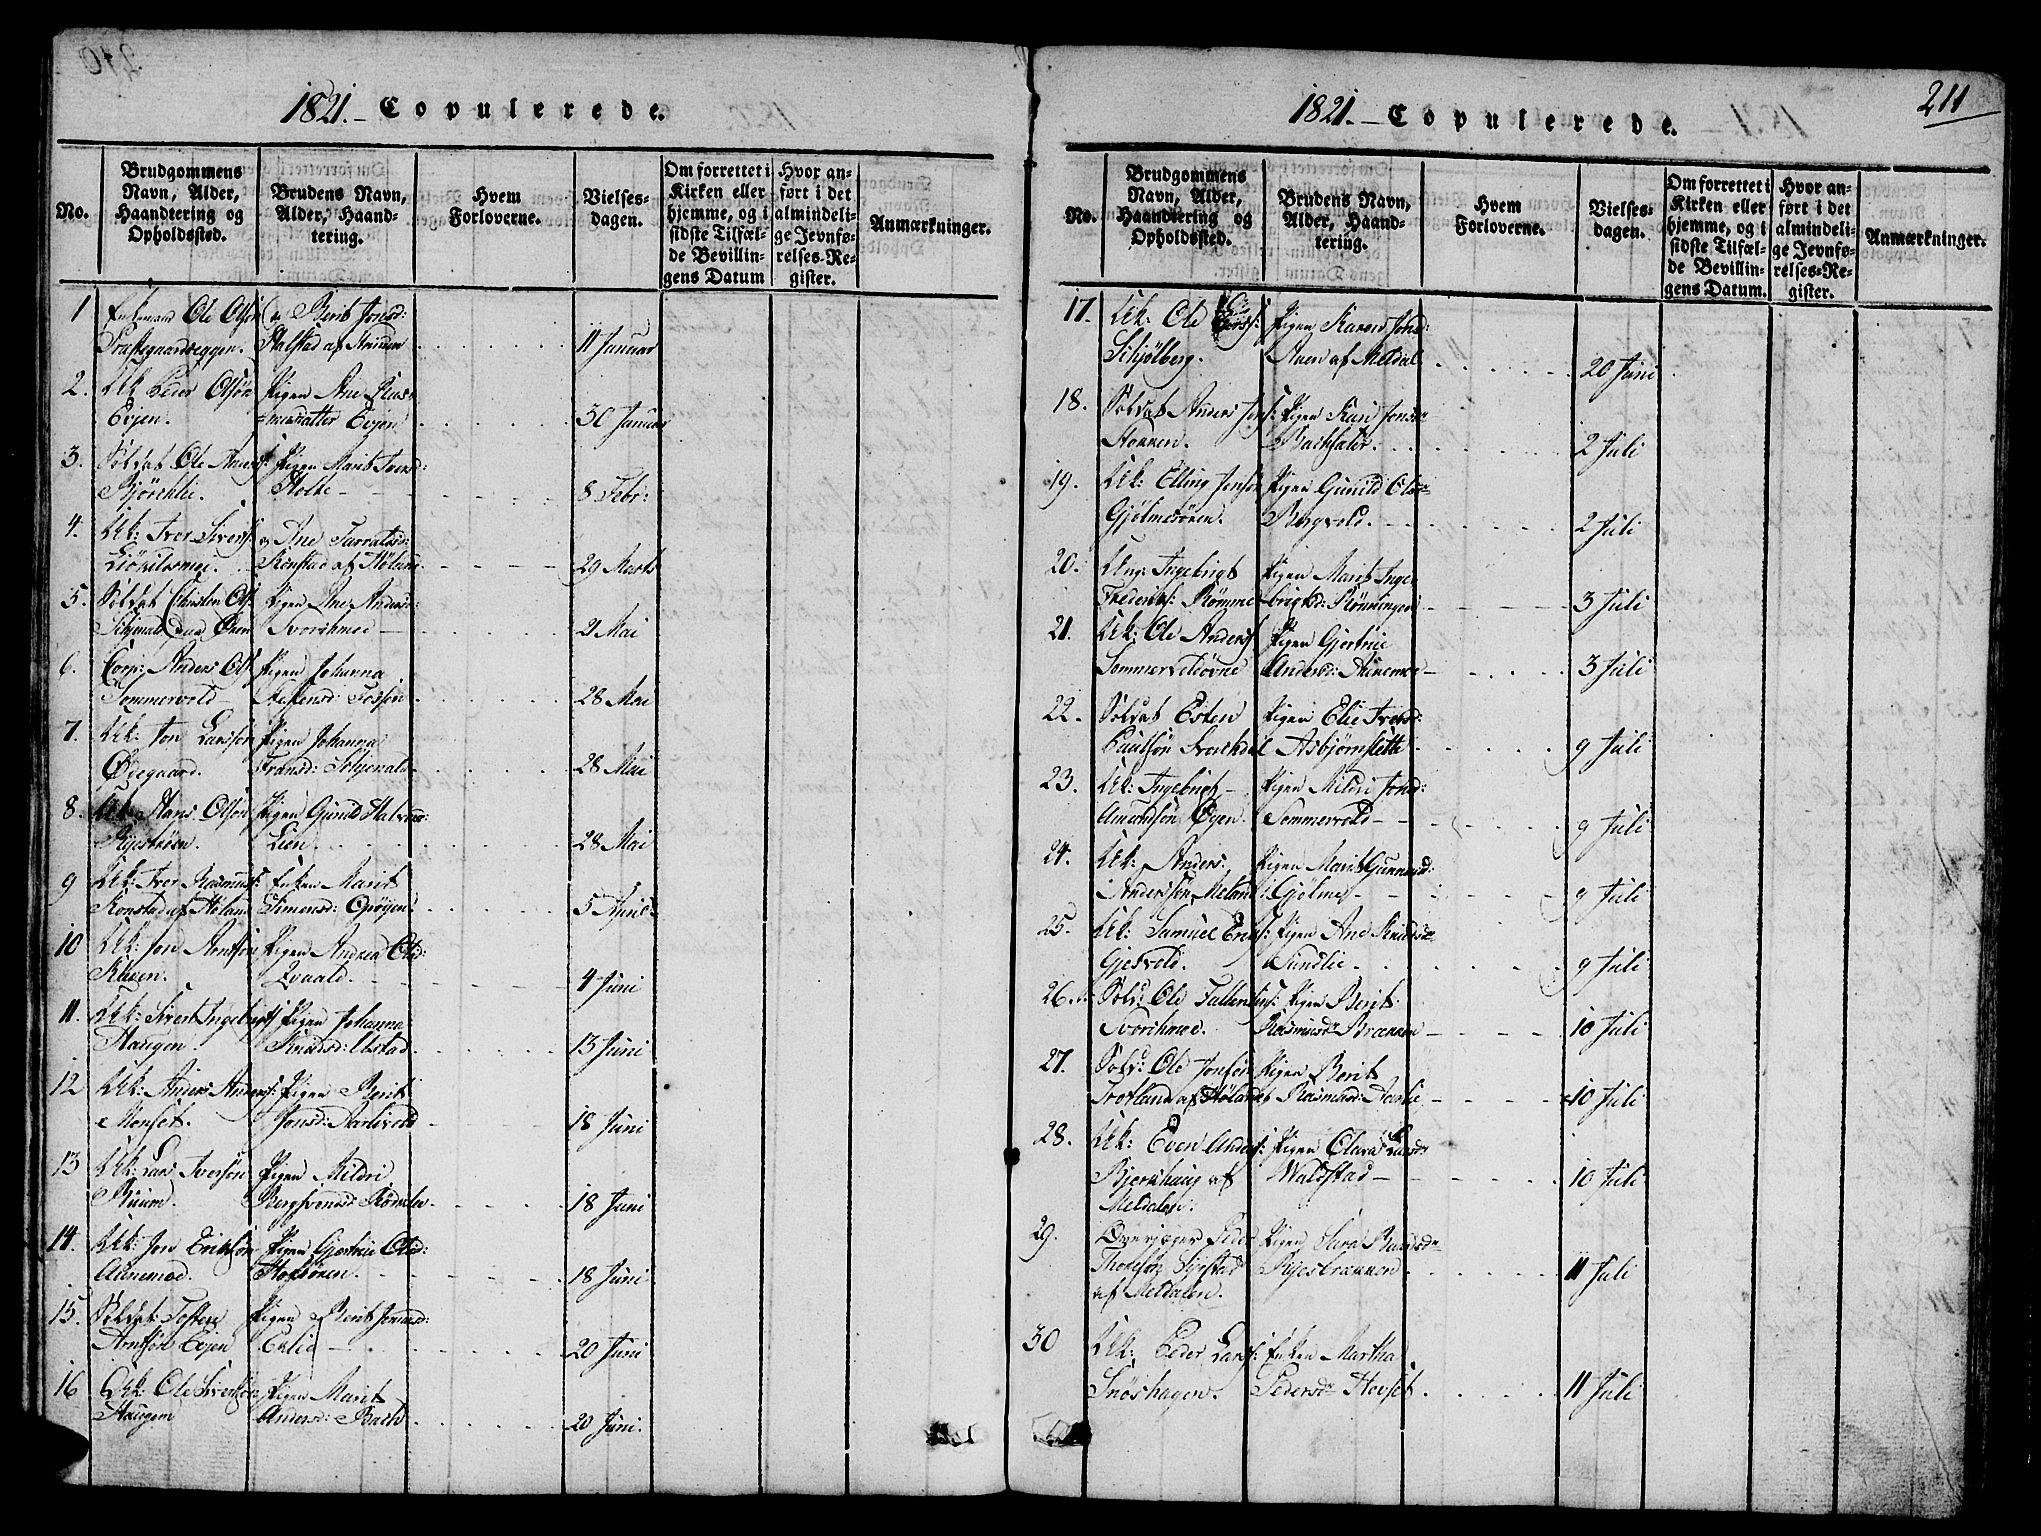 SAT, Ministerialprotokoller, klokkerbøker og fødselsregistre - Sør-Trøndelag, 668/L0803: Ministerialbok nr. 668A03, 1800-1826, s. 211